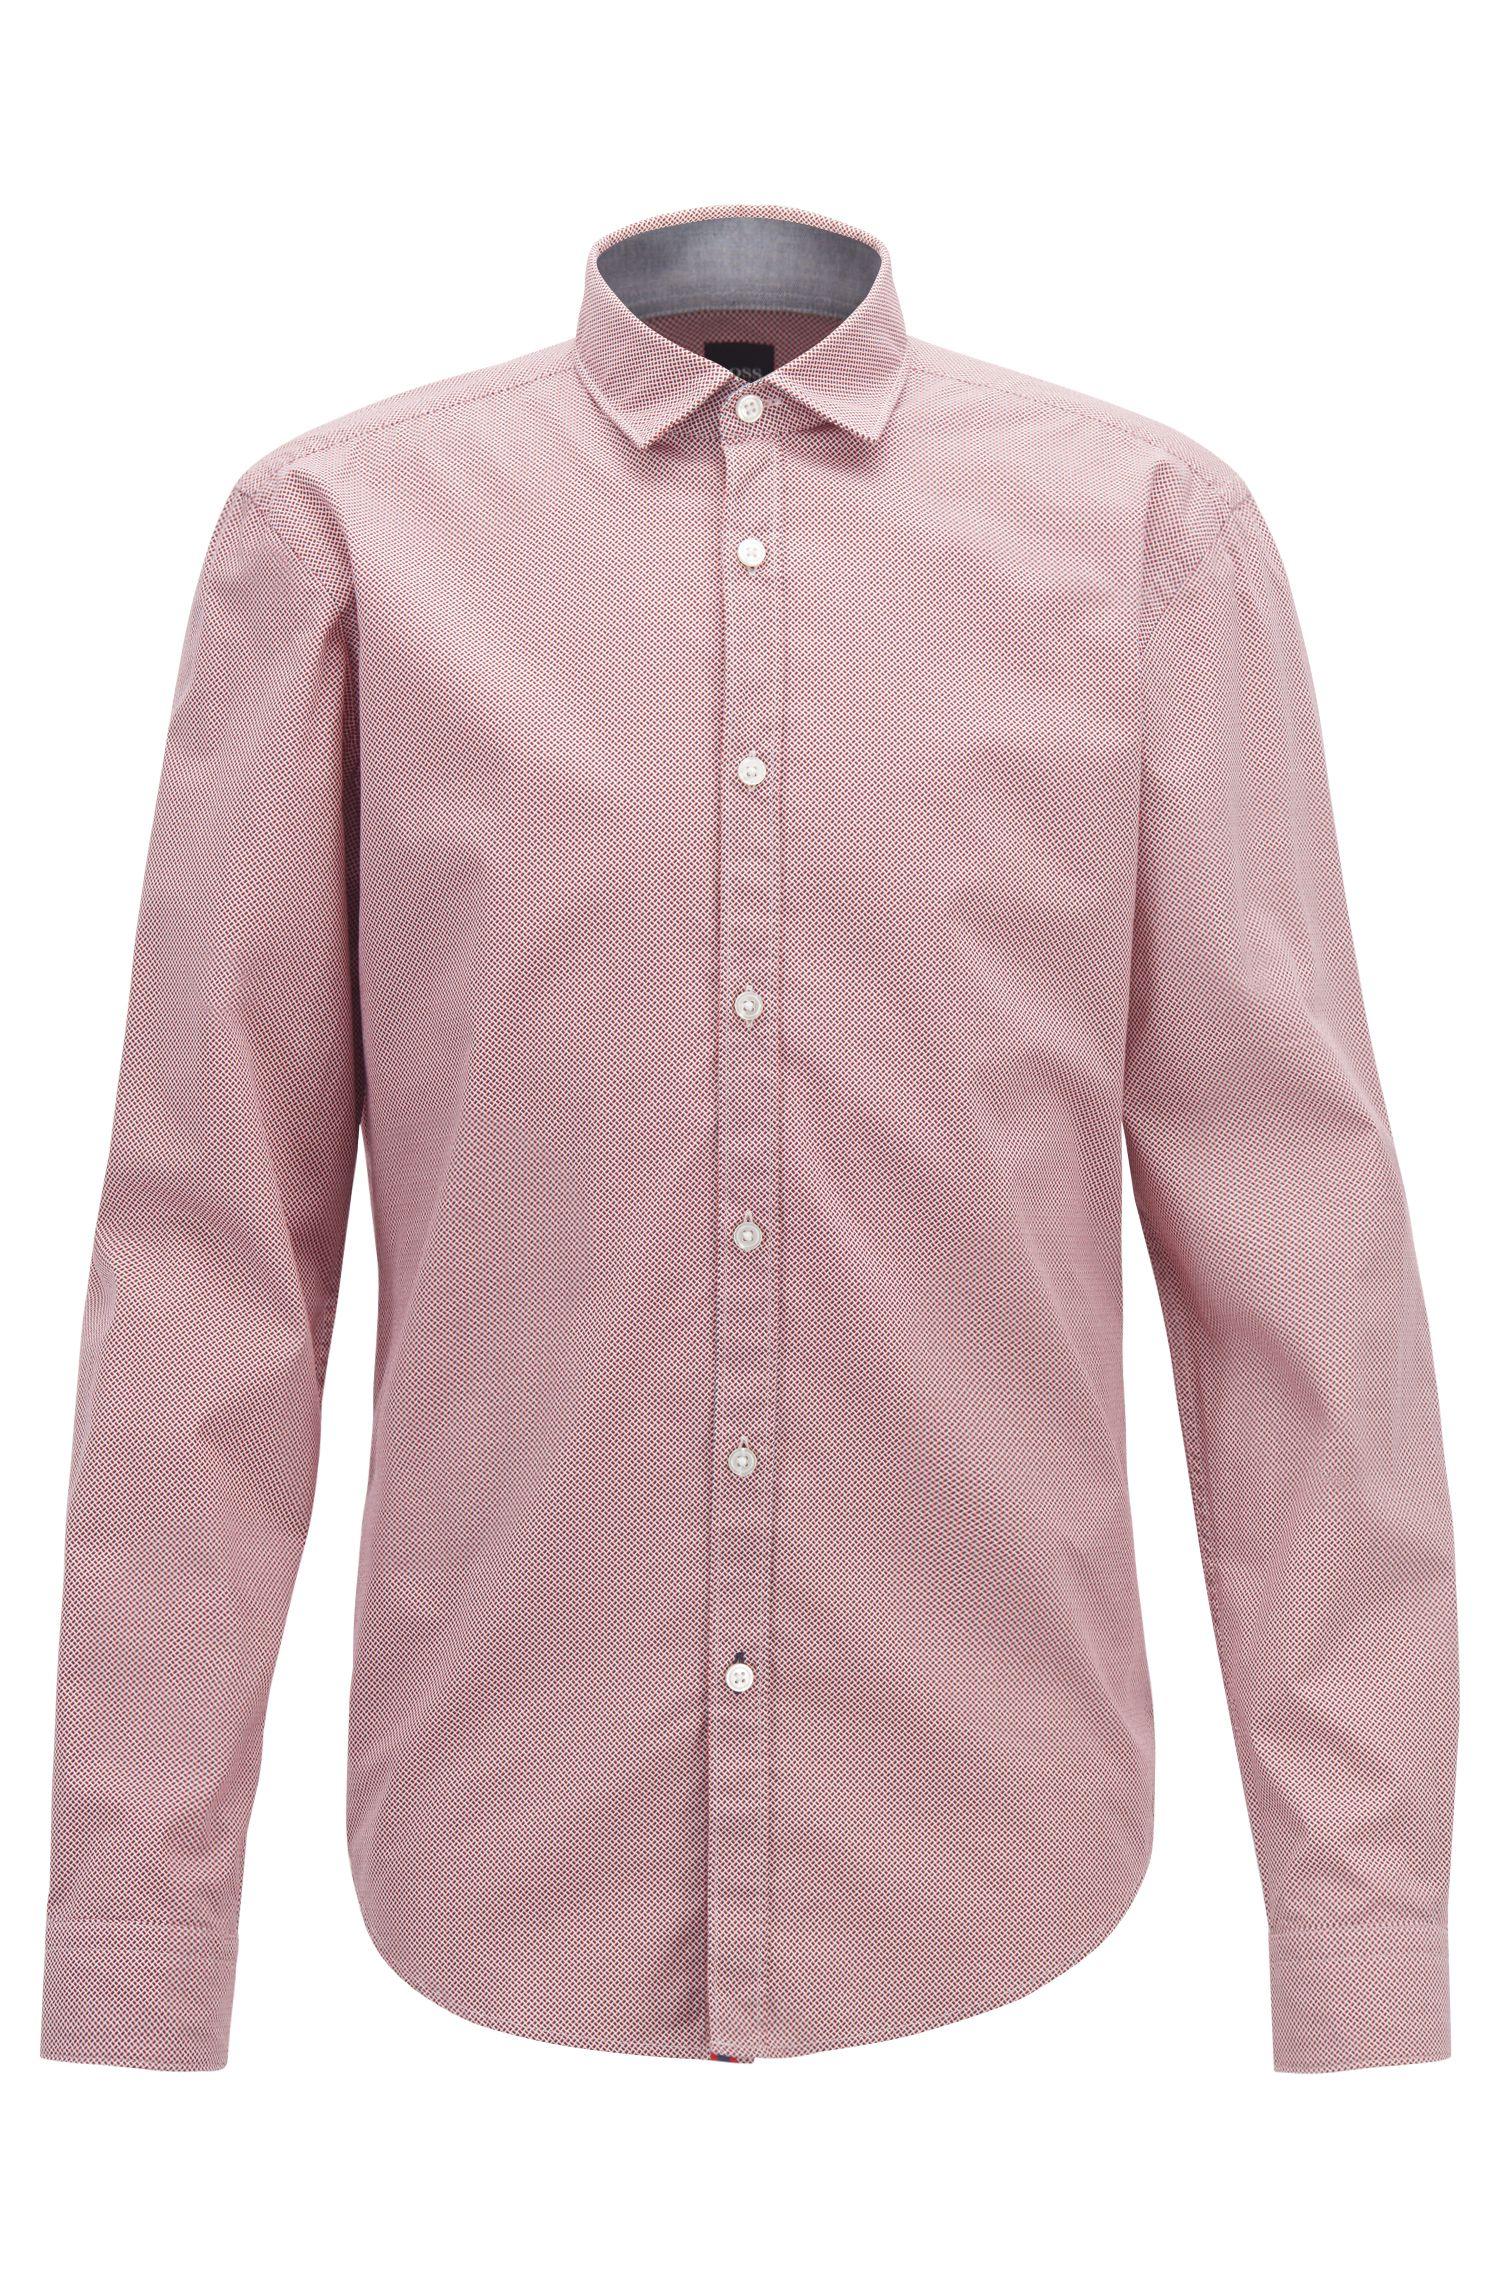 Slim-fit shirt in micro-patterned cotton poplin, Open Blue